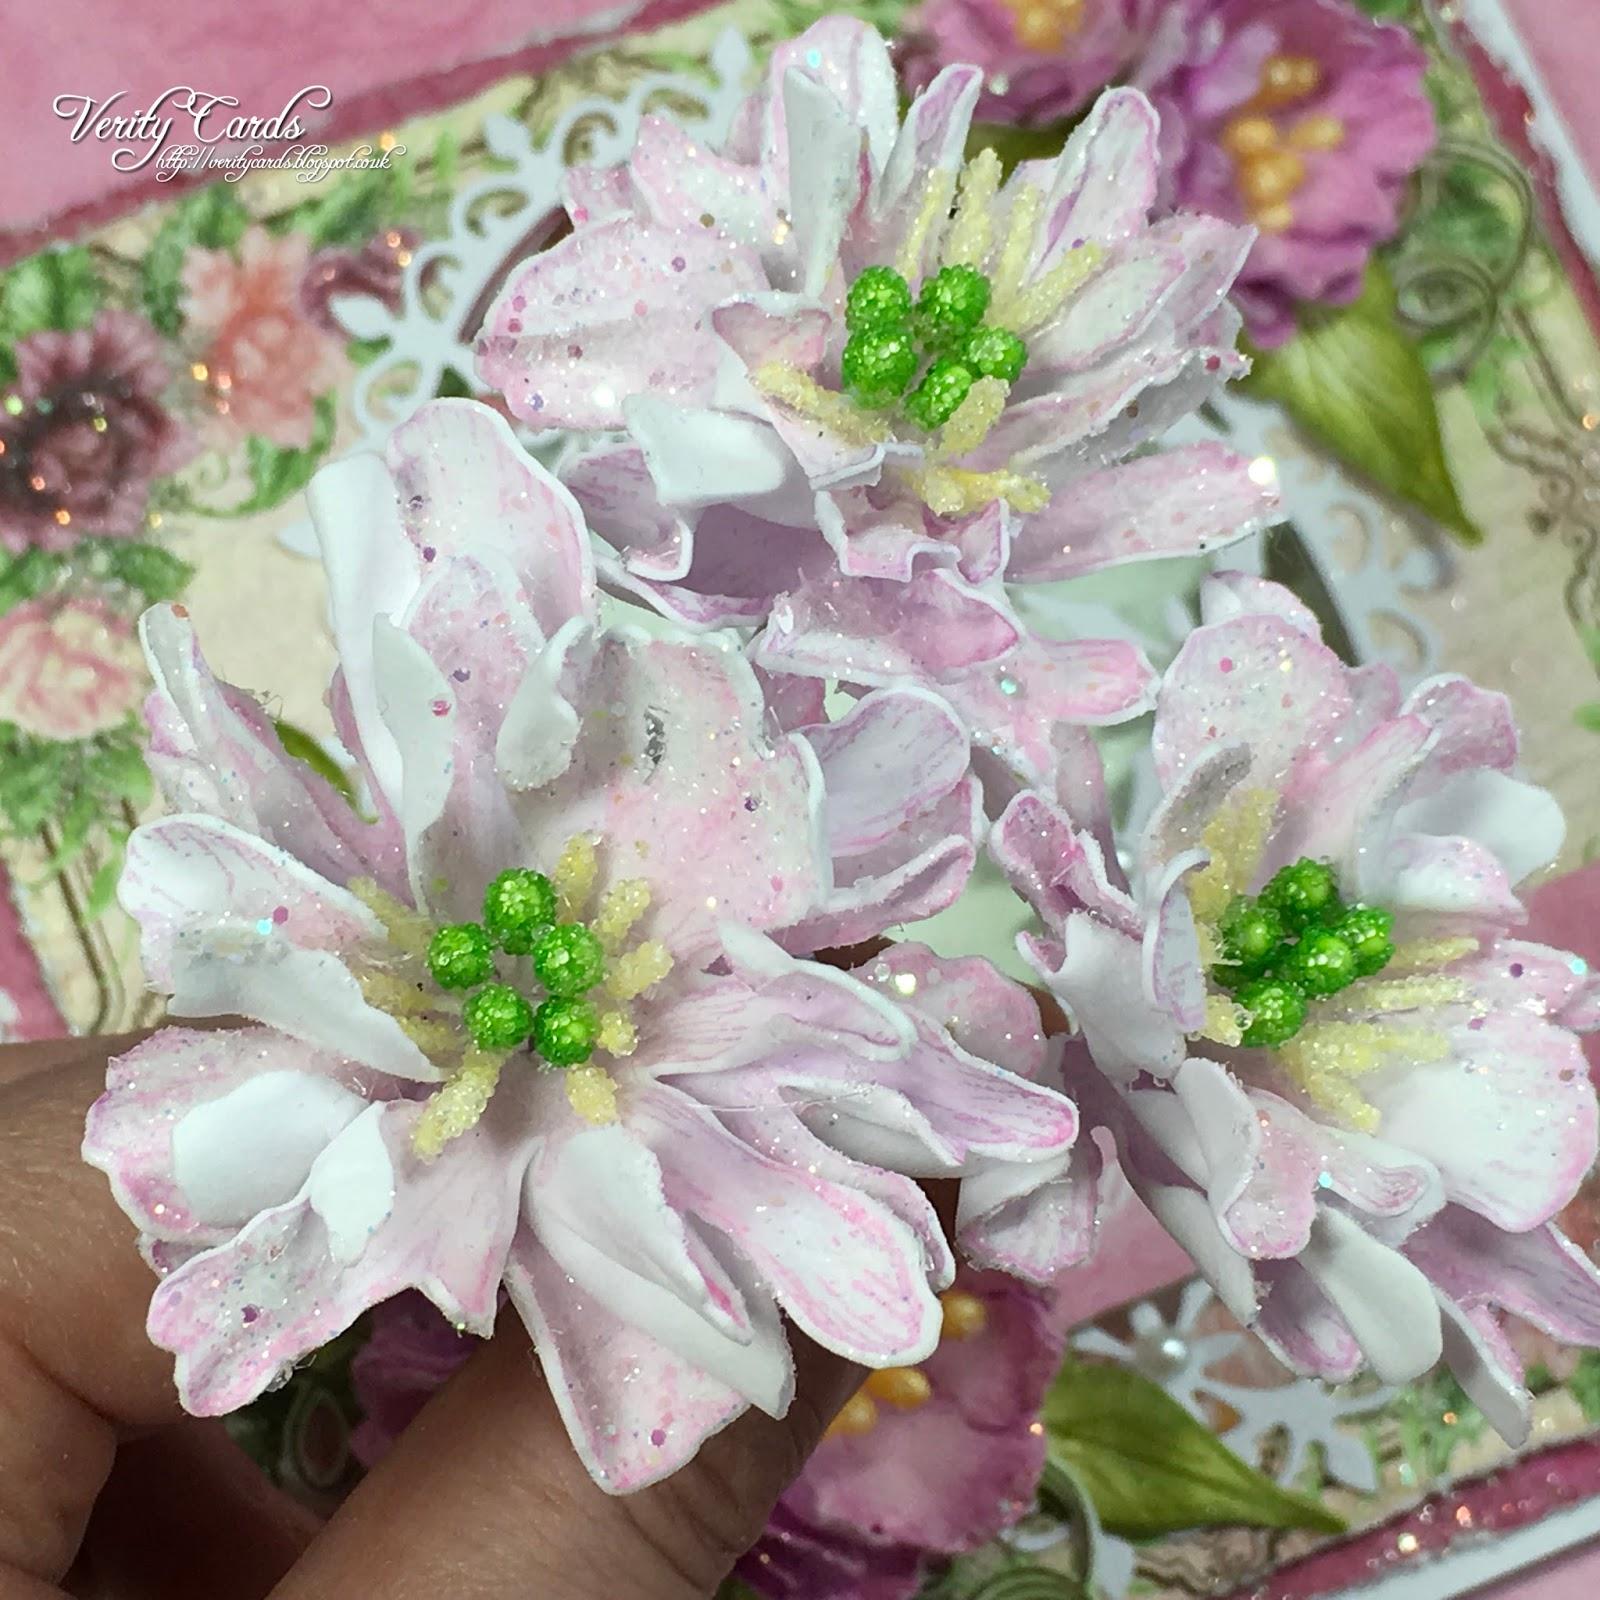 Verity cards art foam paper flowers art foam paper flowers mightylinksfo